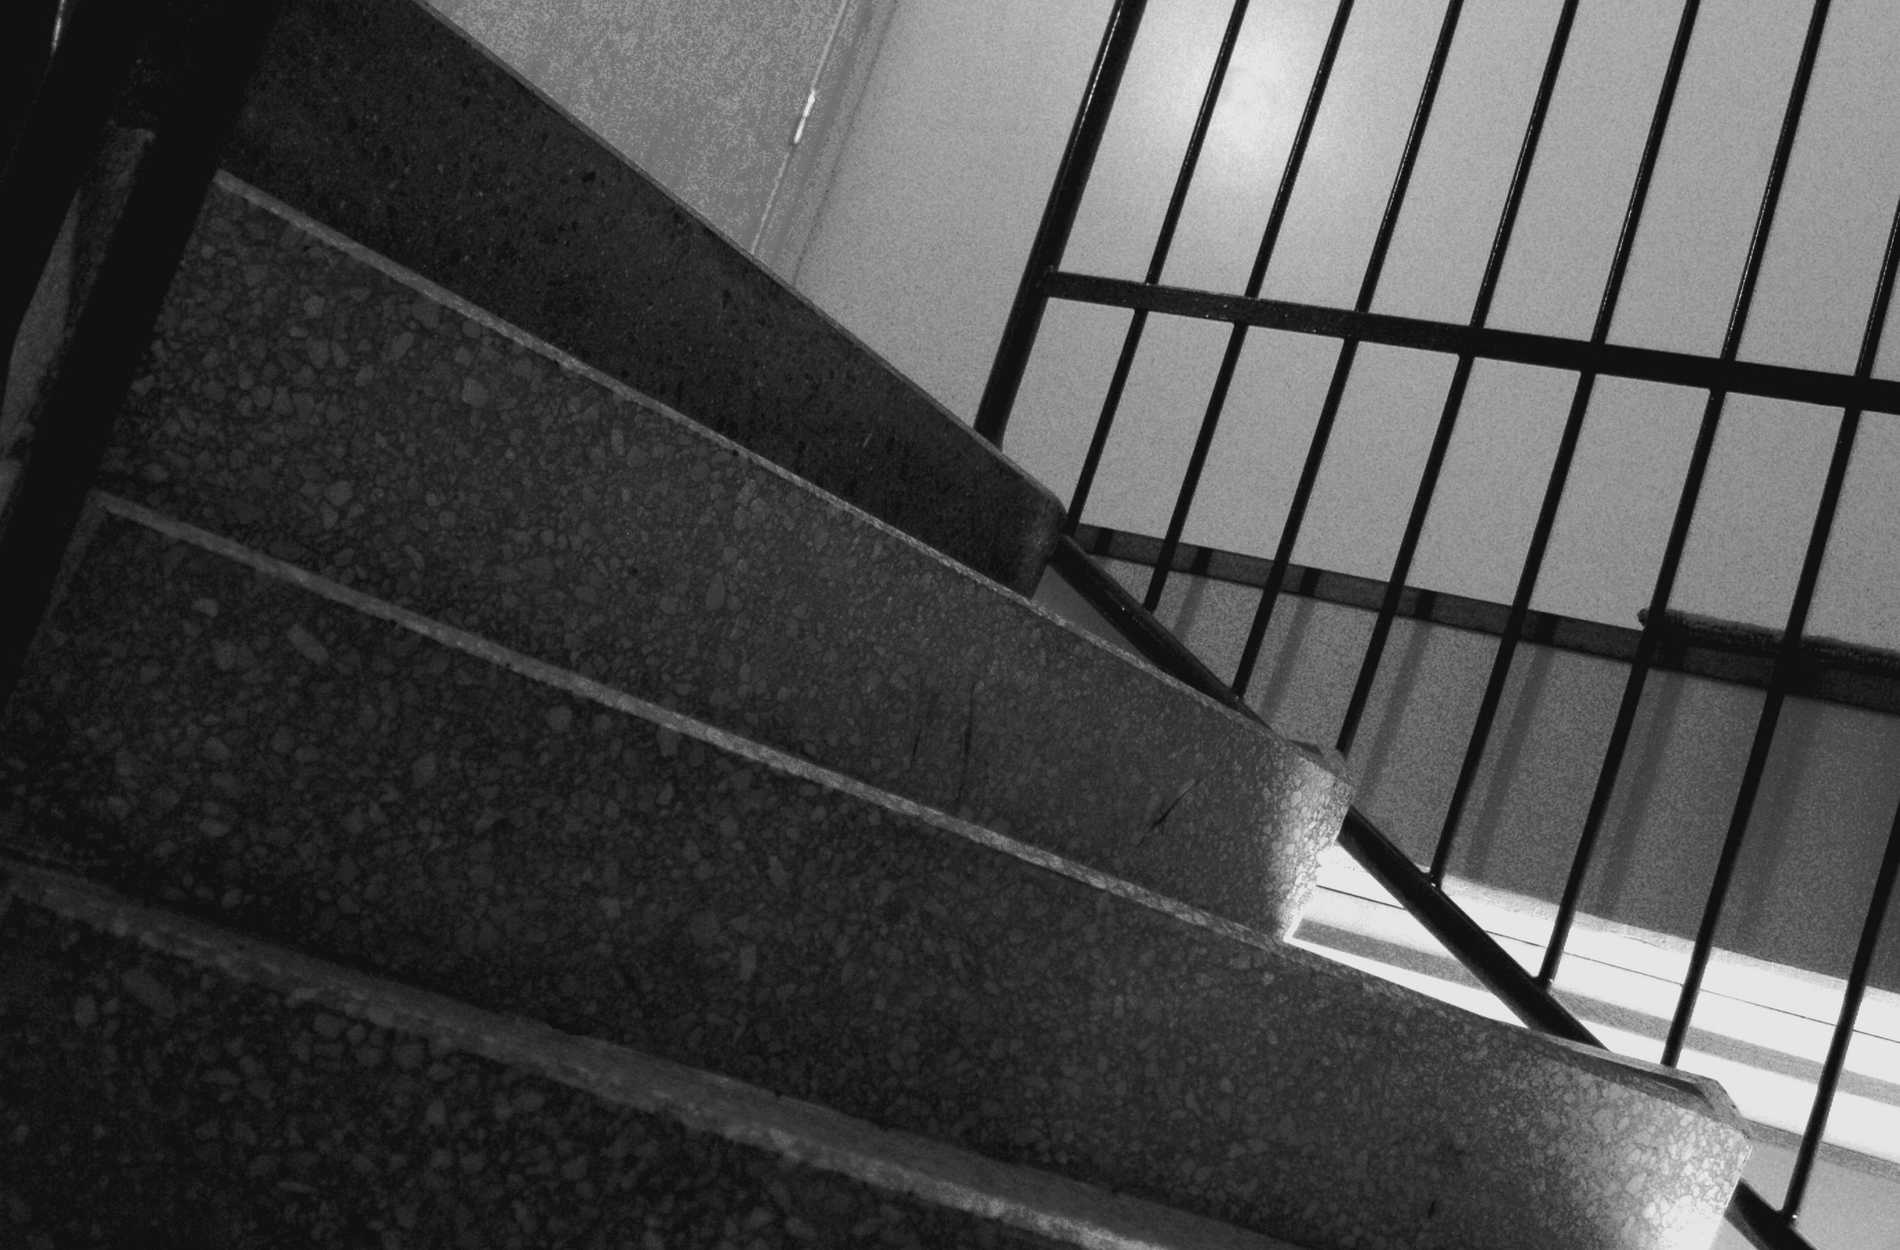 En man i Malmö döms för ofredande efter att ha tafsat på en kvinna i en trappuppgång och lämnat efter sig en burk. Arkivbild.